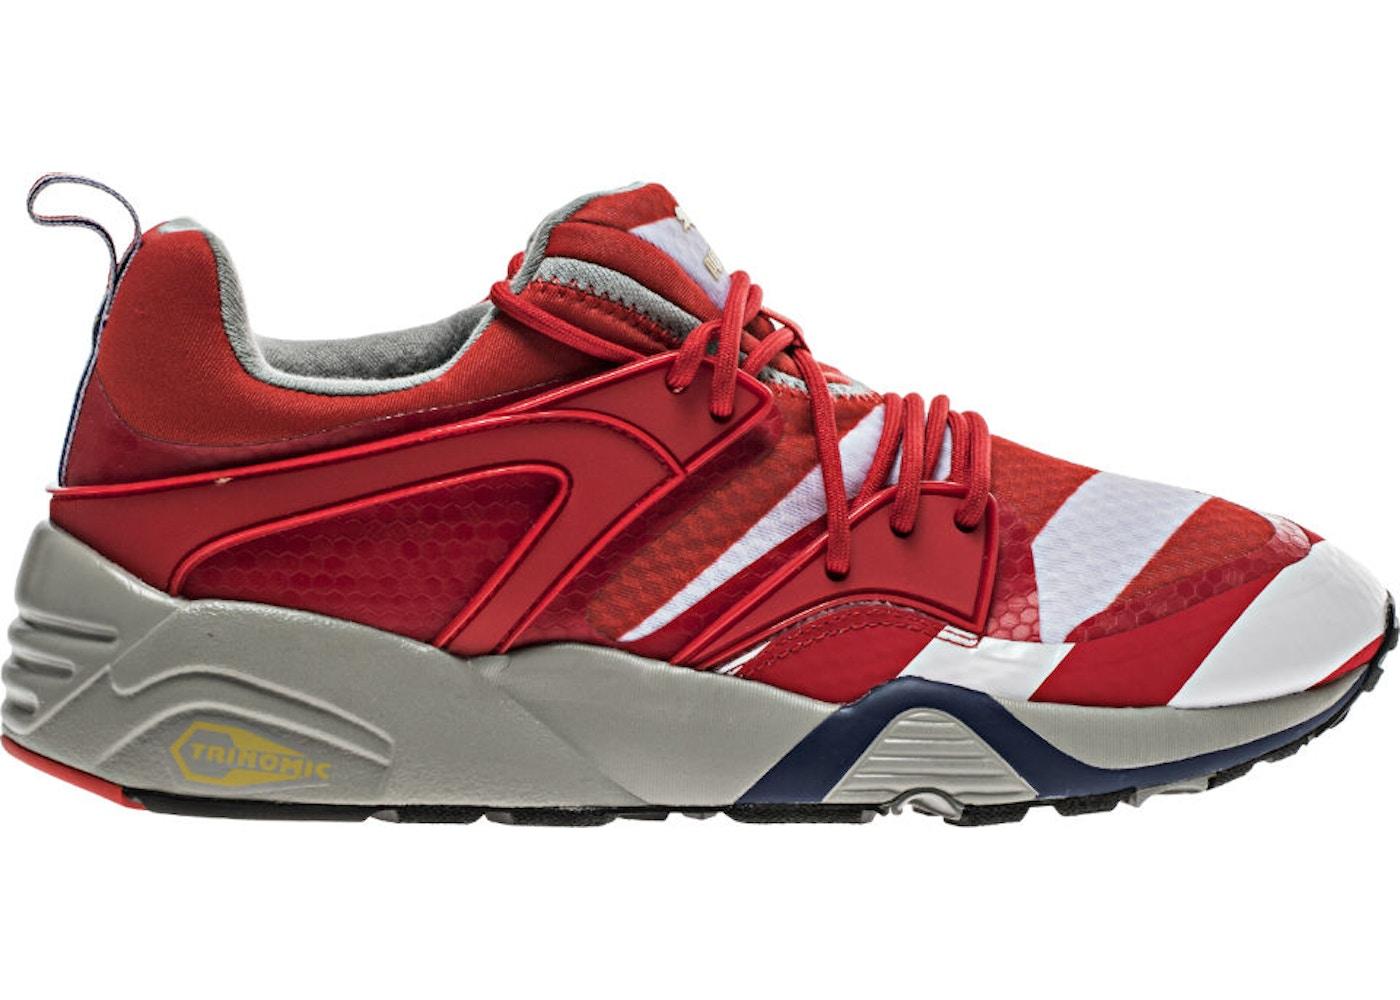 Puma Blaze Of Glory Rwb High Risk Red- Blue-White. High Risk Red- Blue-White 16c65c07a